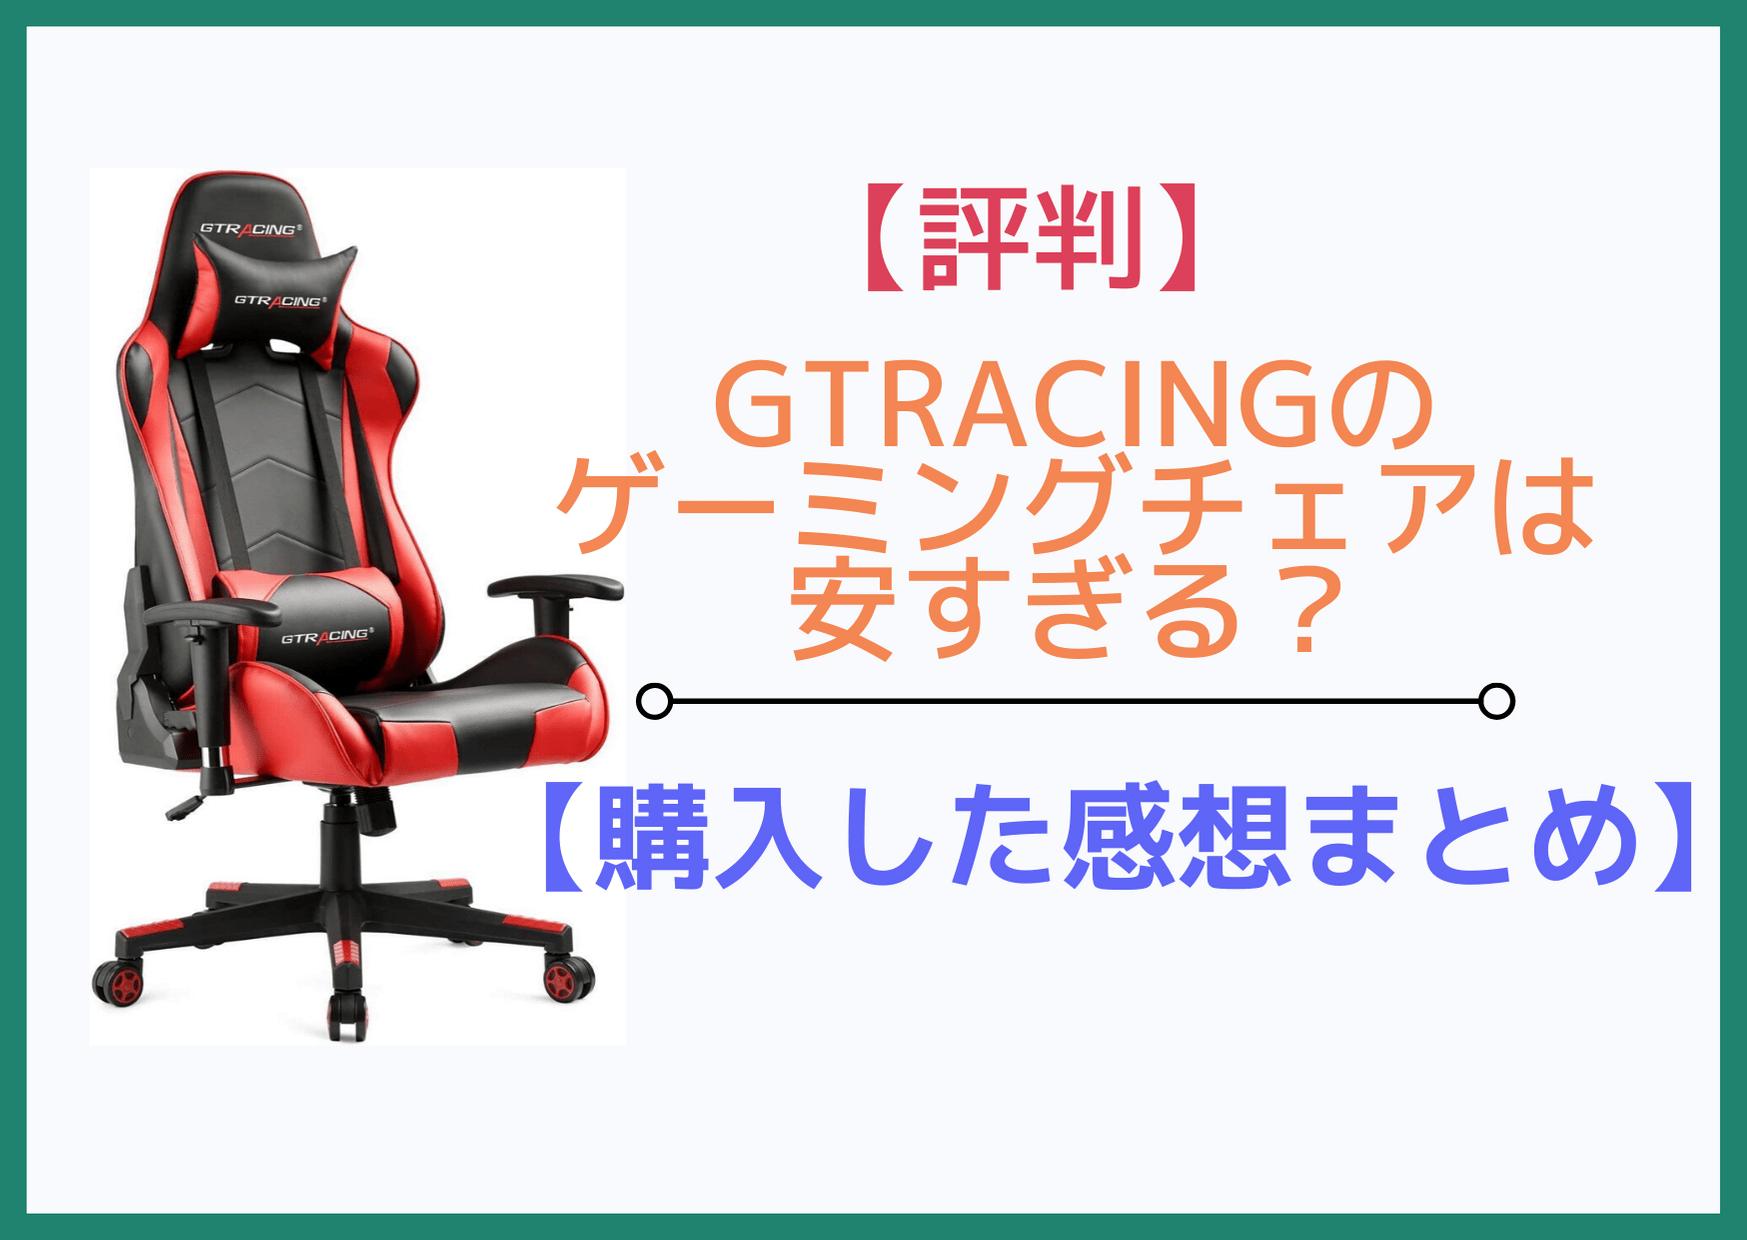 【評判】GTRACINGのゲーミングチェアは安すぎ?【買った感想まとめ】